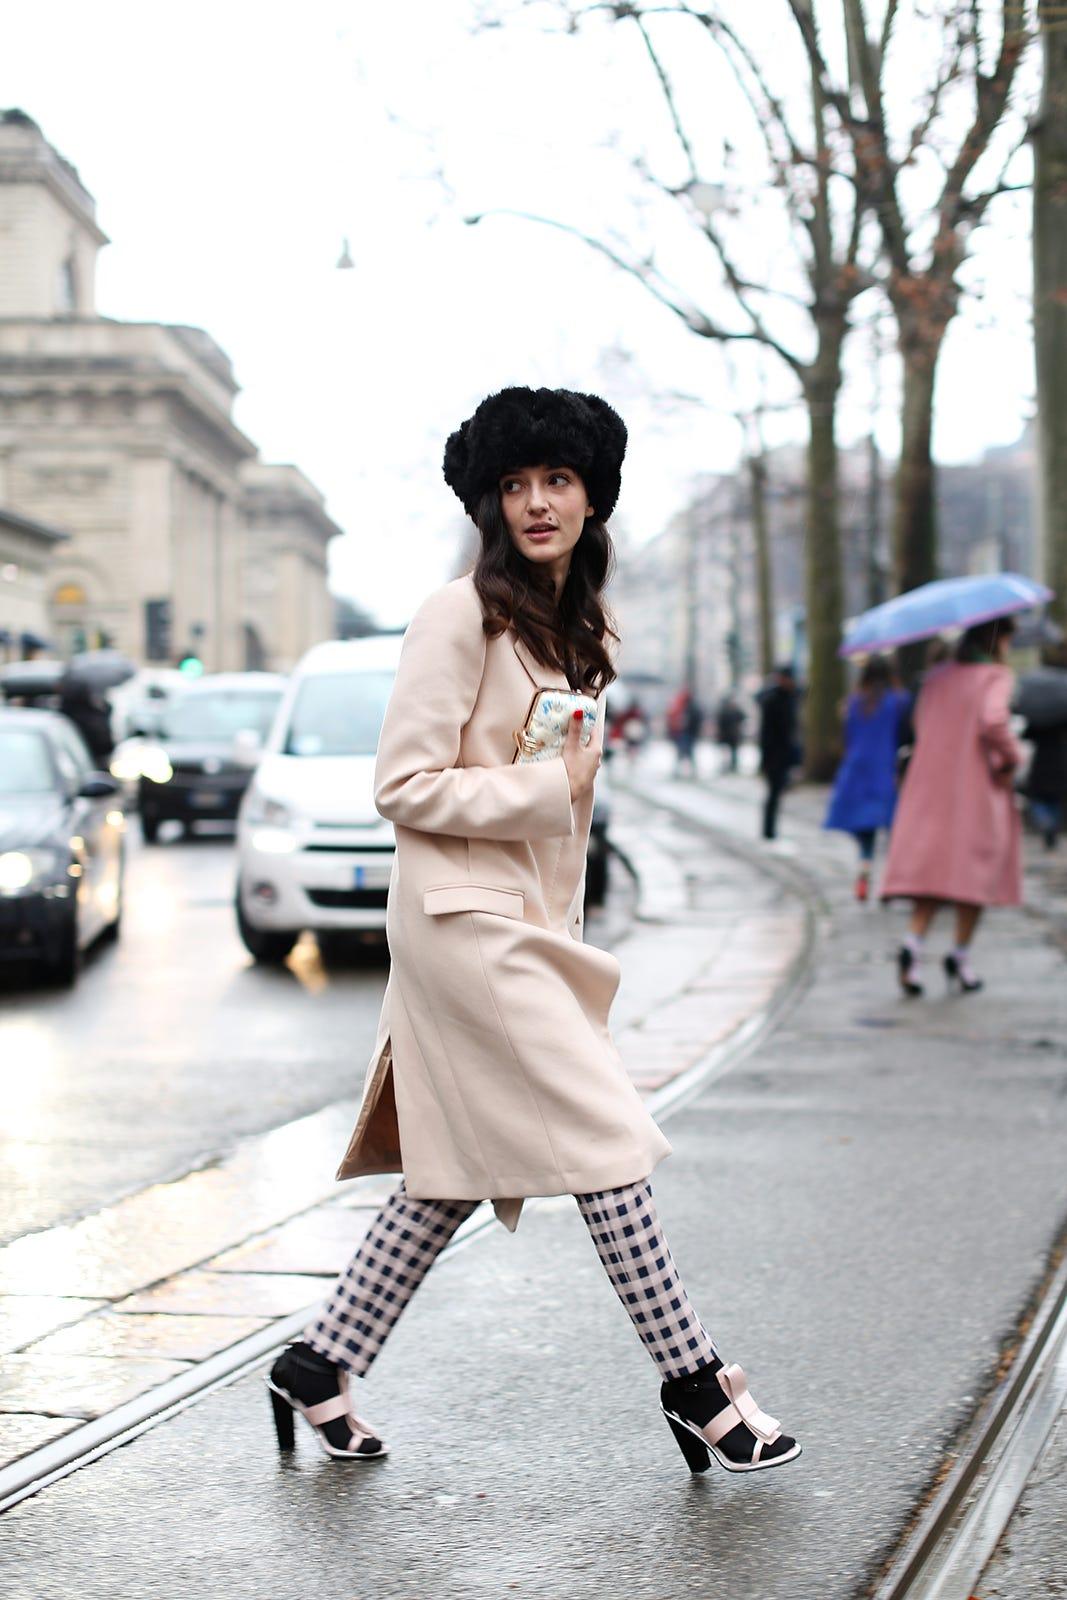 Italian Fashion, Outfits